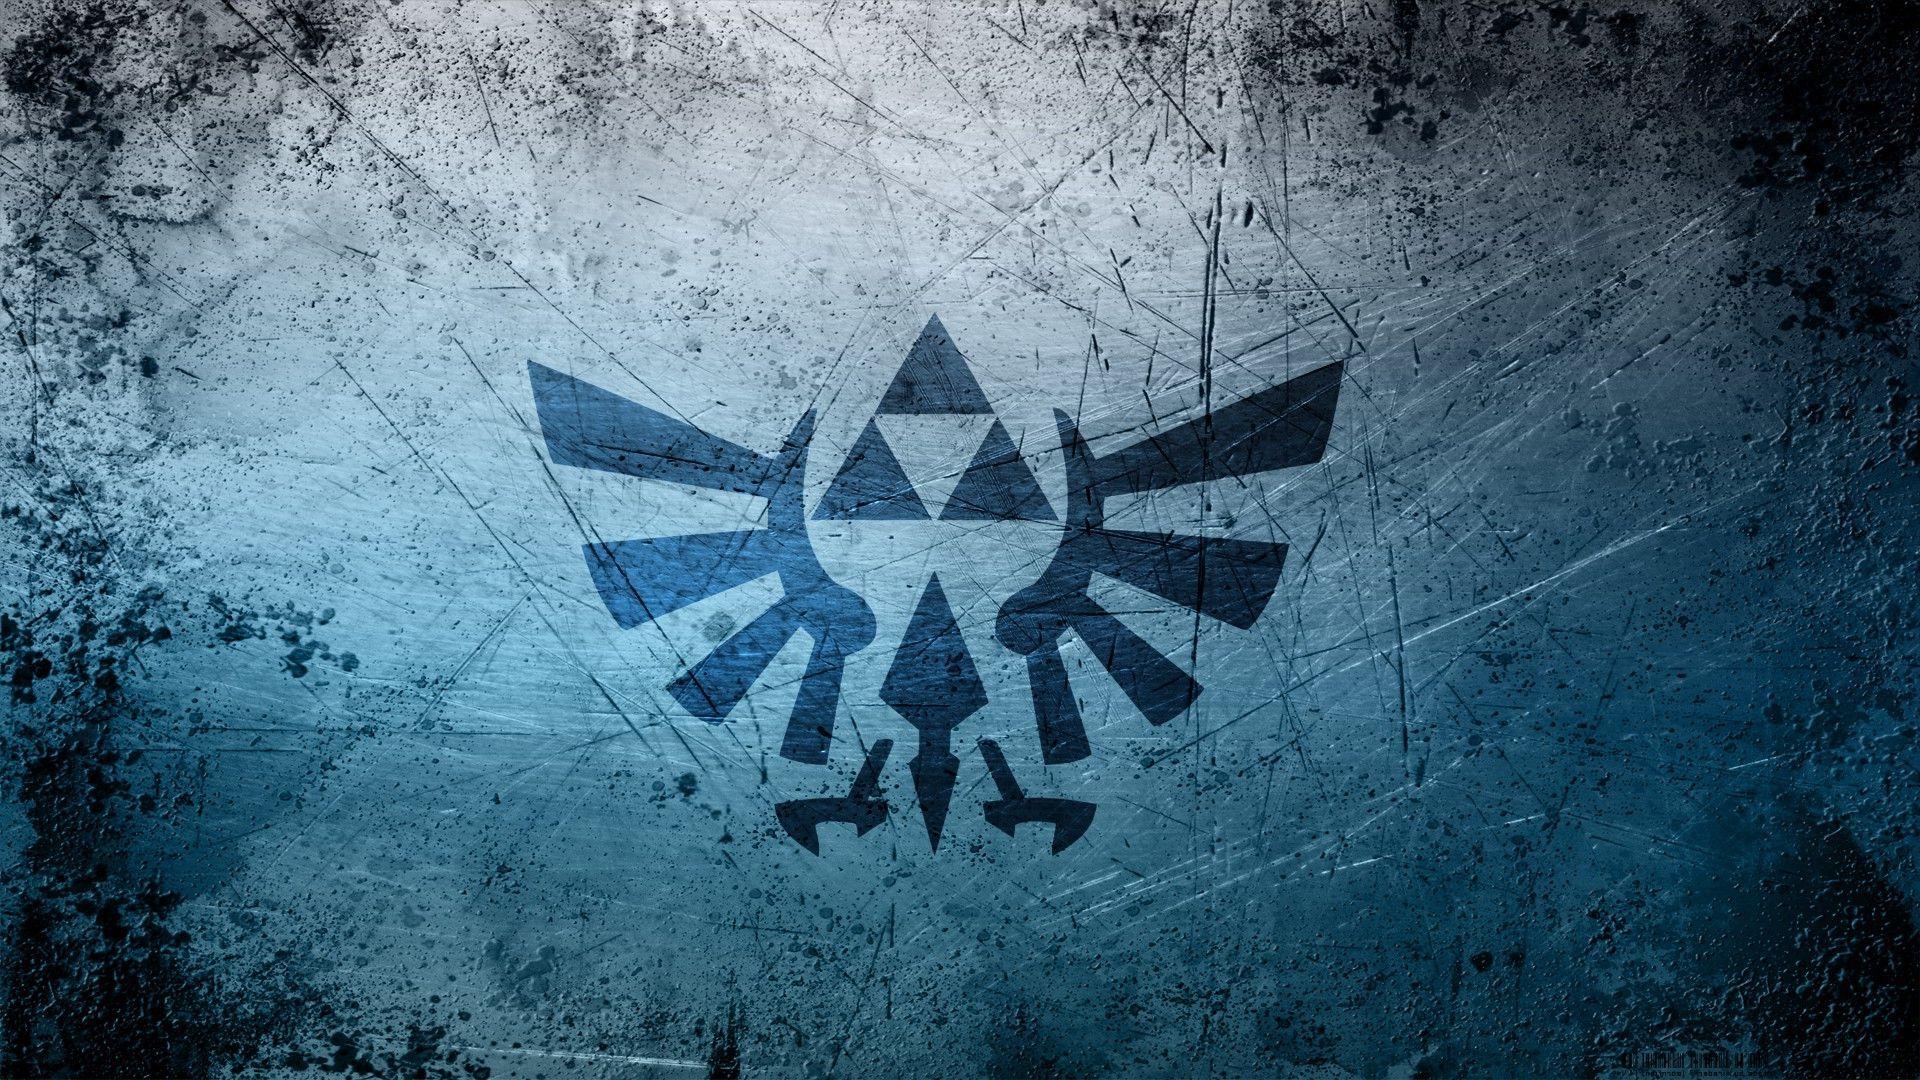 Cool Zelda Wallpapers   Top Cool Zelda Backgrounds 1920x1080